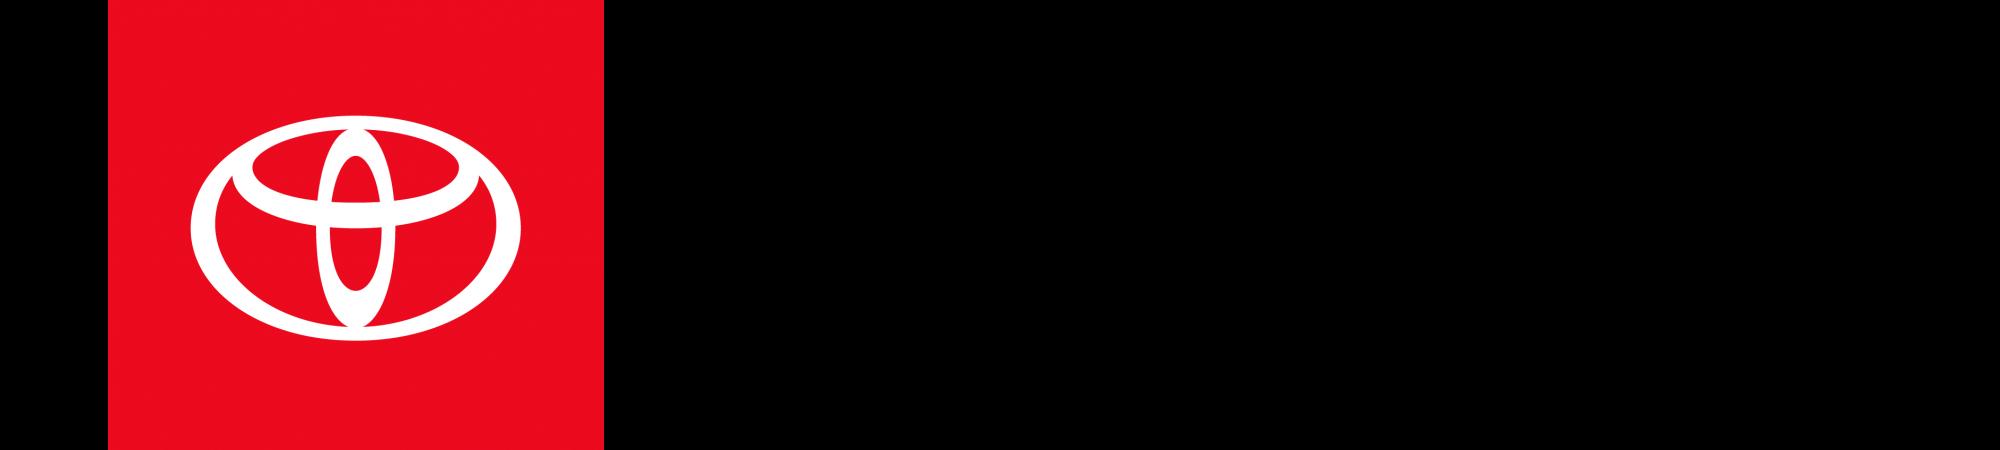 Toyota_logo_2019